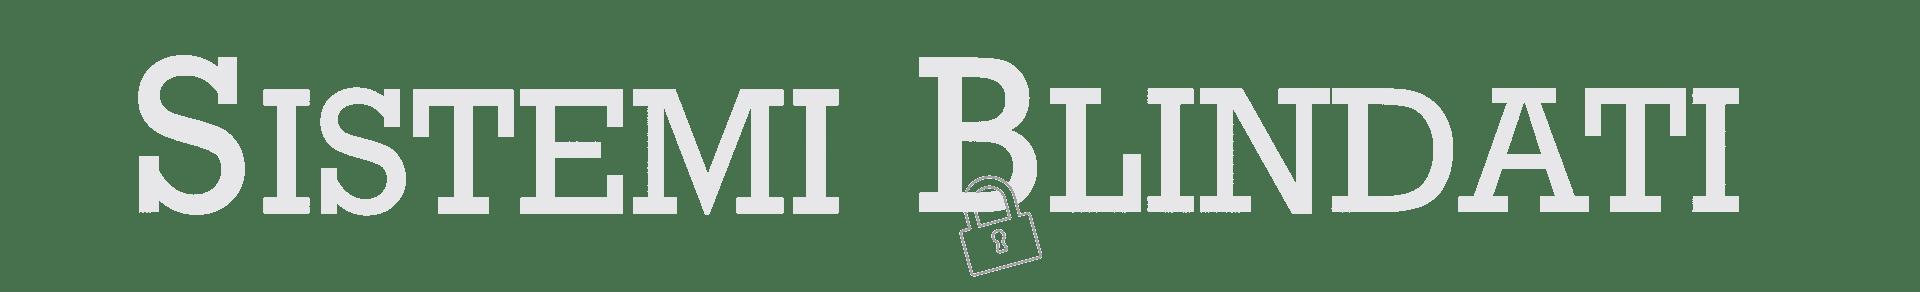 Even logo 3